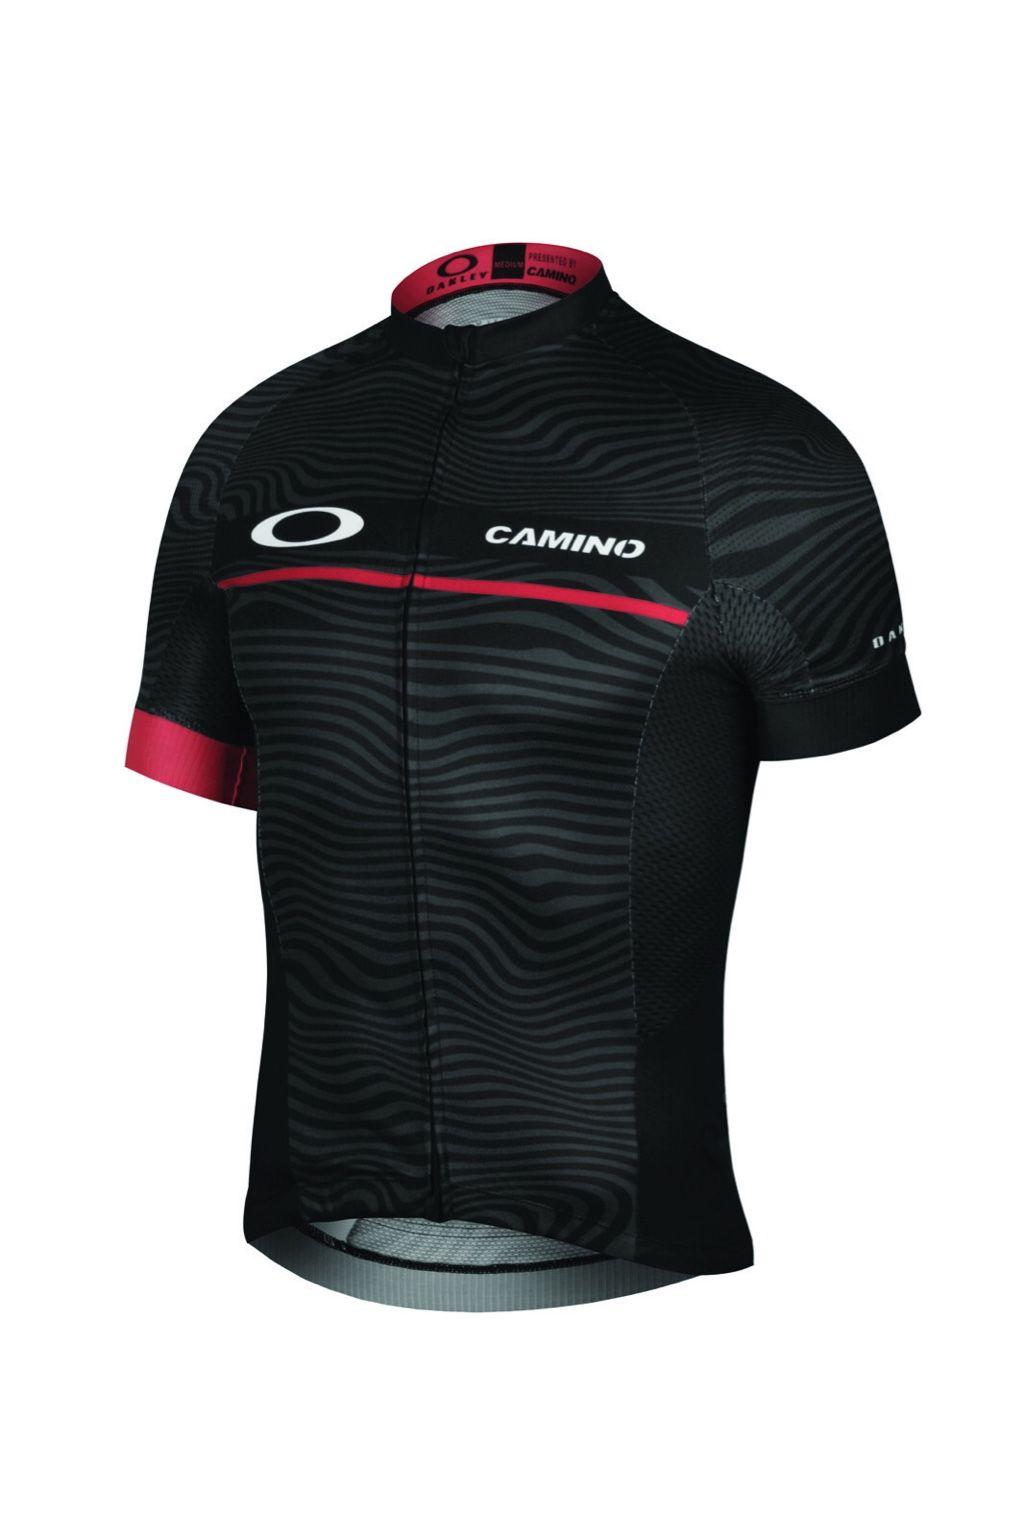 oakley cycling jersey